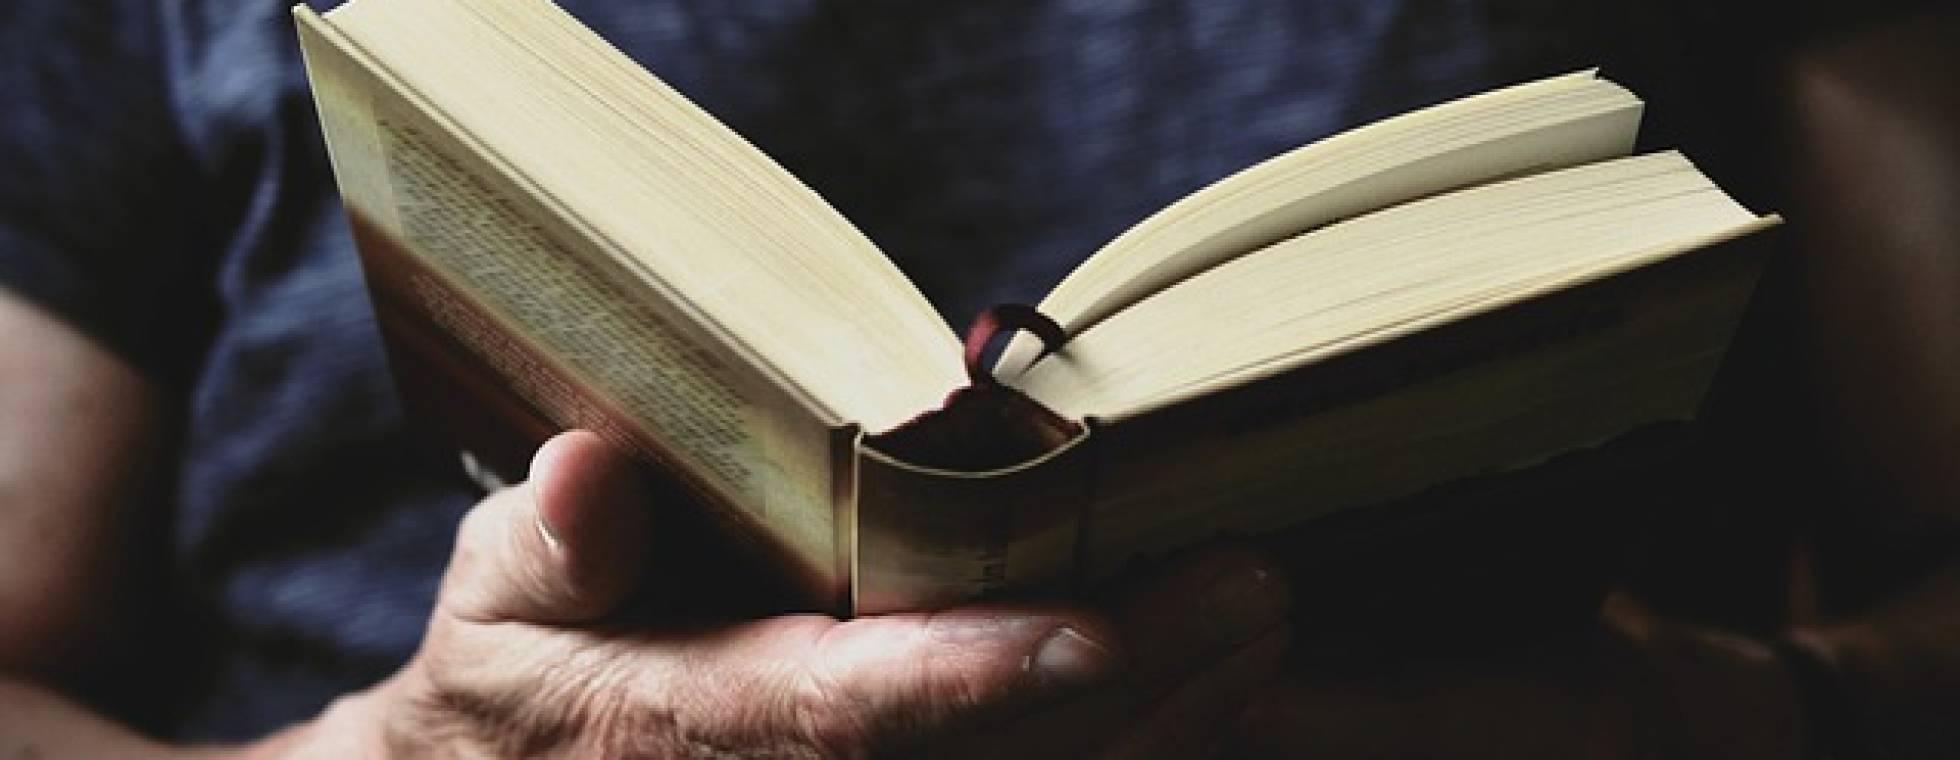 aufgeschlagender Roman in der Hand